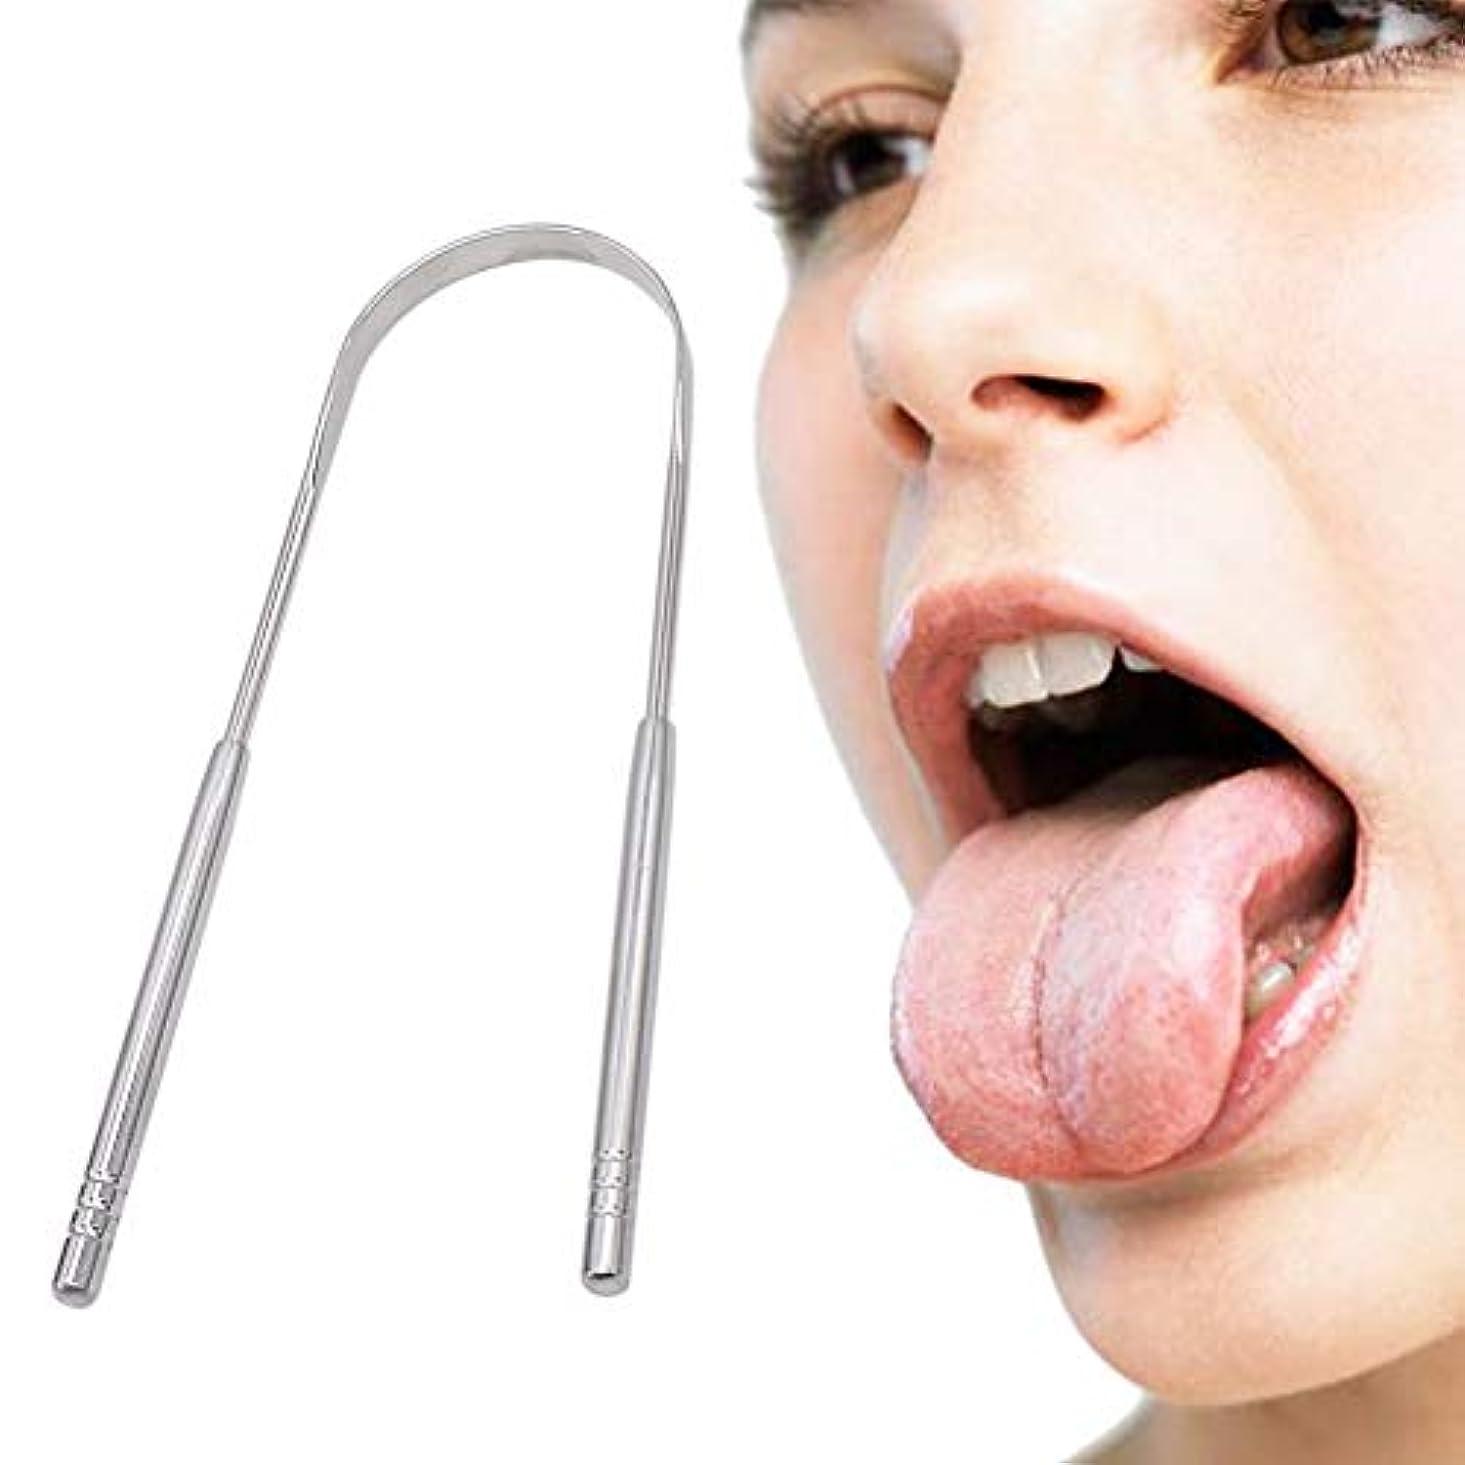 今まで肺知覚できるOral Dentistry 舌クリーナー 口臭スイーパー スクレーパー 口腔ケア 舌みがき 舌用 抗菌 健康ツール ステンレス鋼 口臭予防